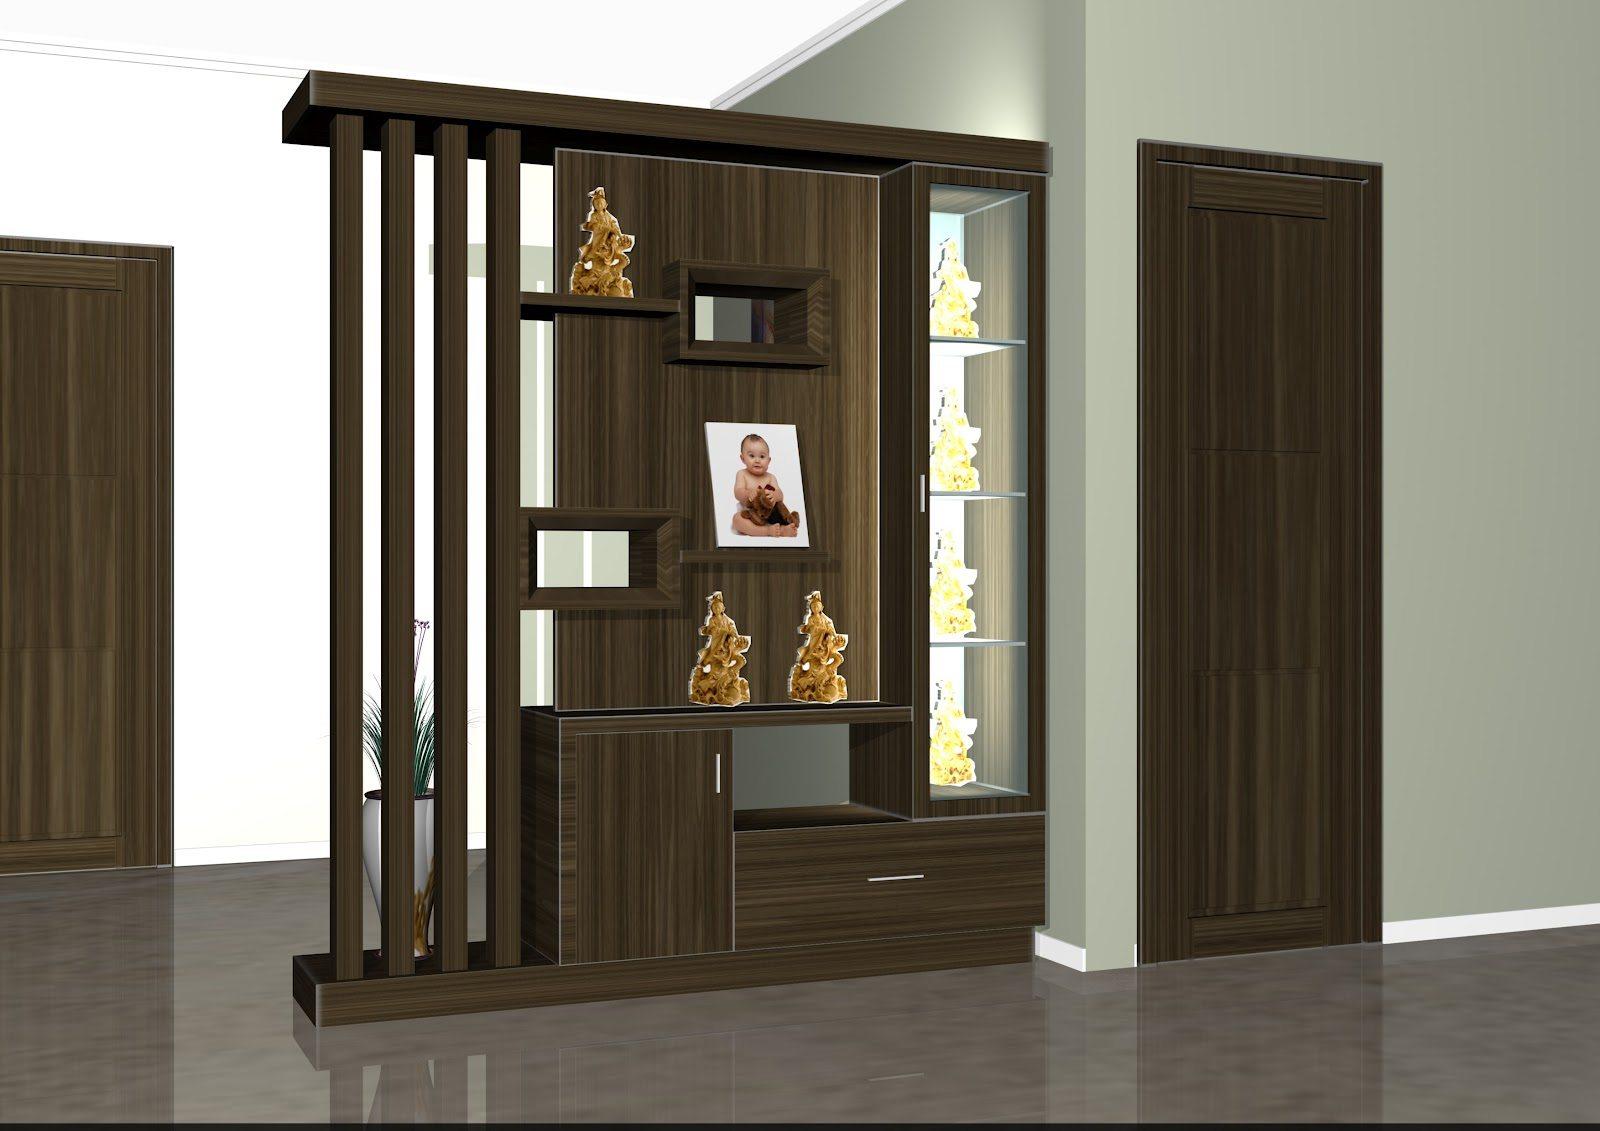 Desain Pembatas Ruang Tamu Dan Ruang Keluarga  Gambar Desain